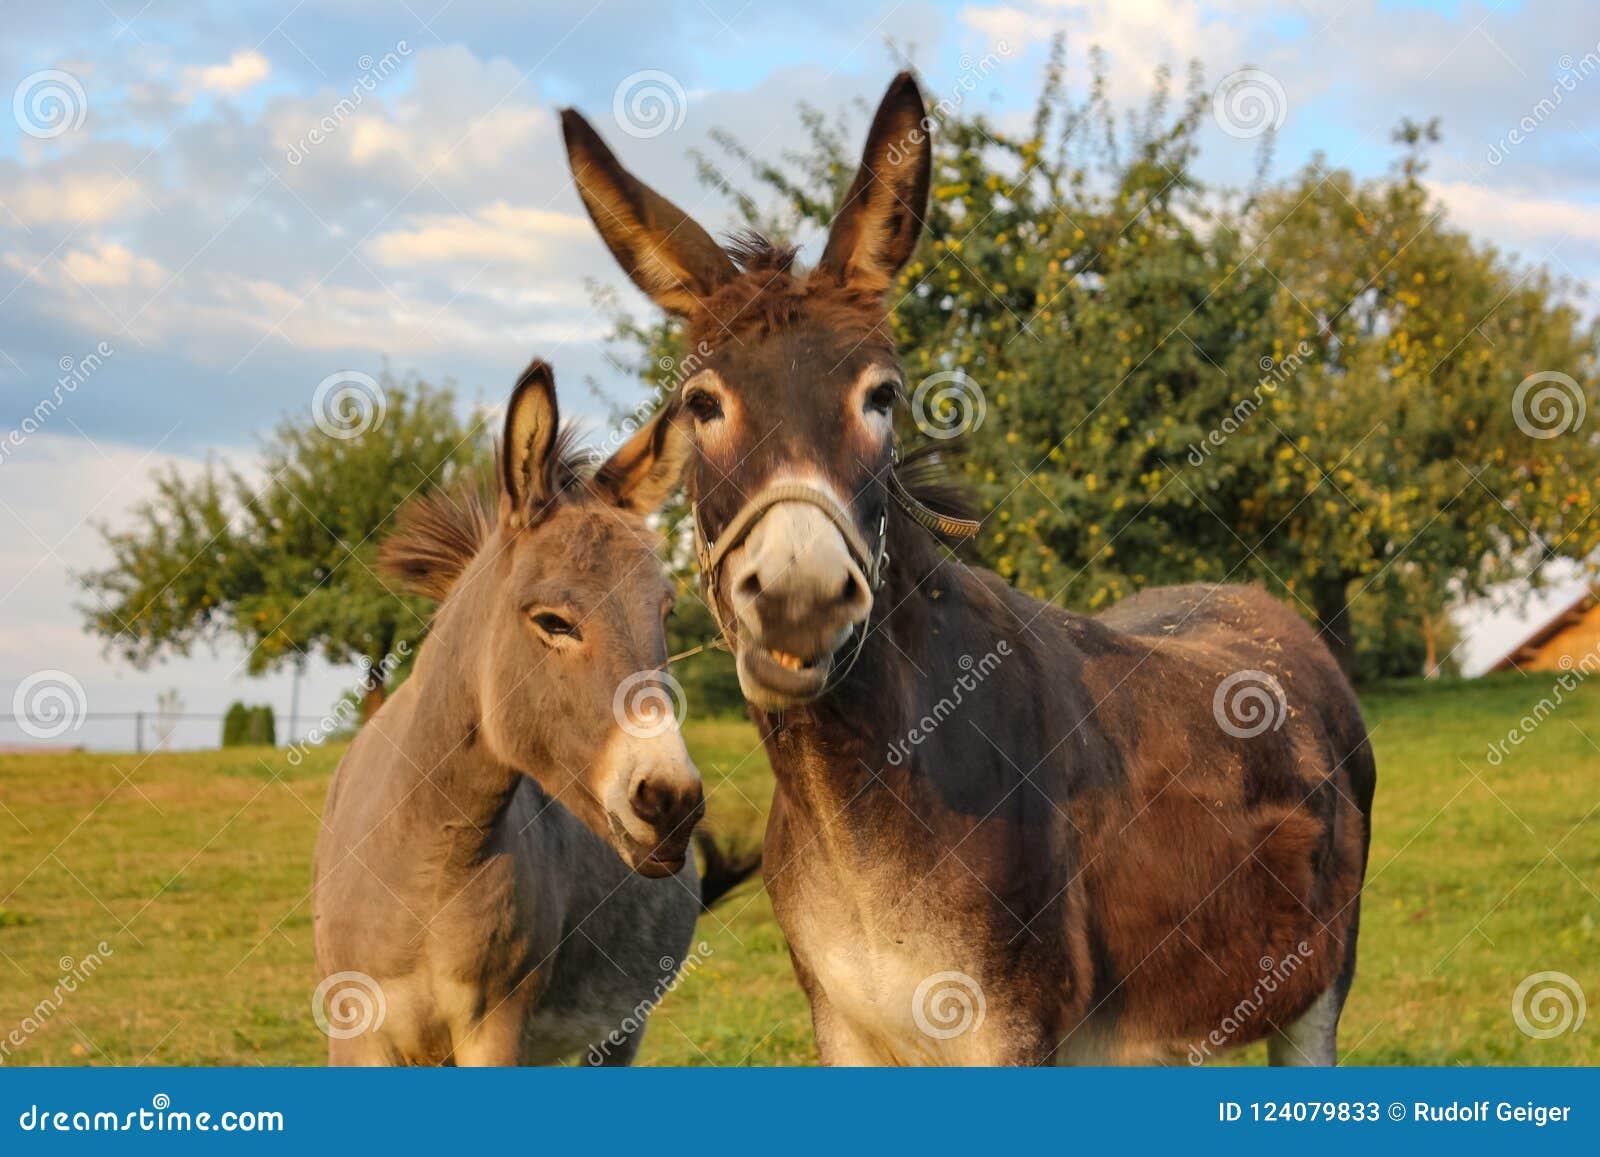 âne brun au pré